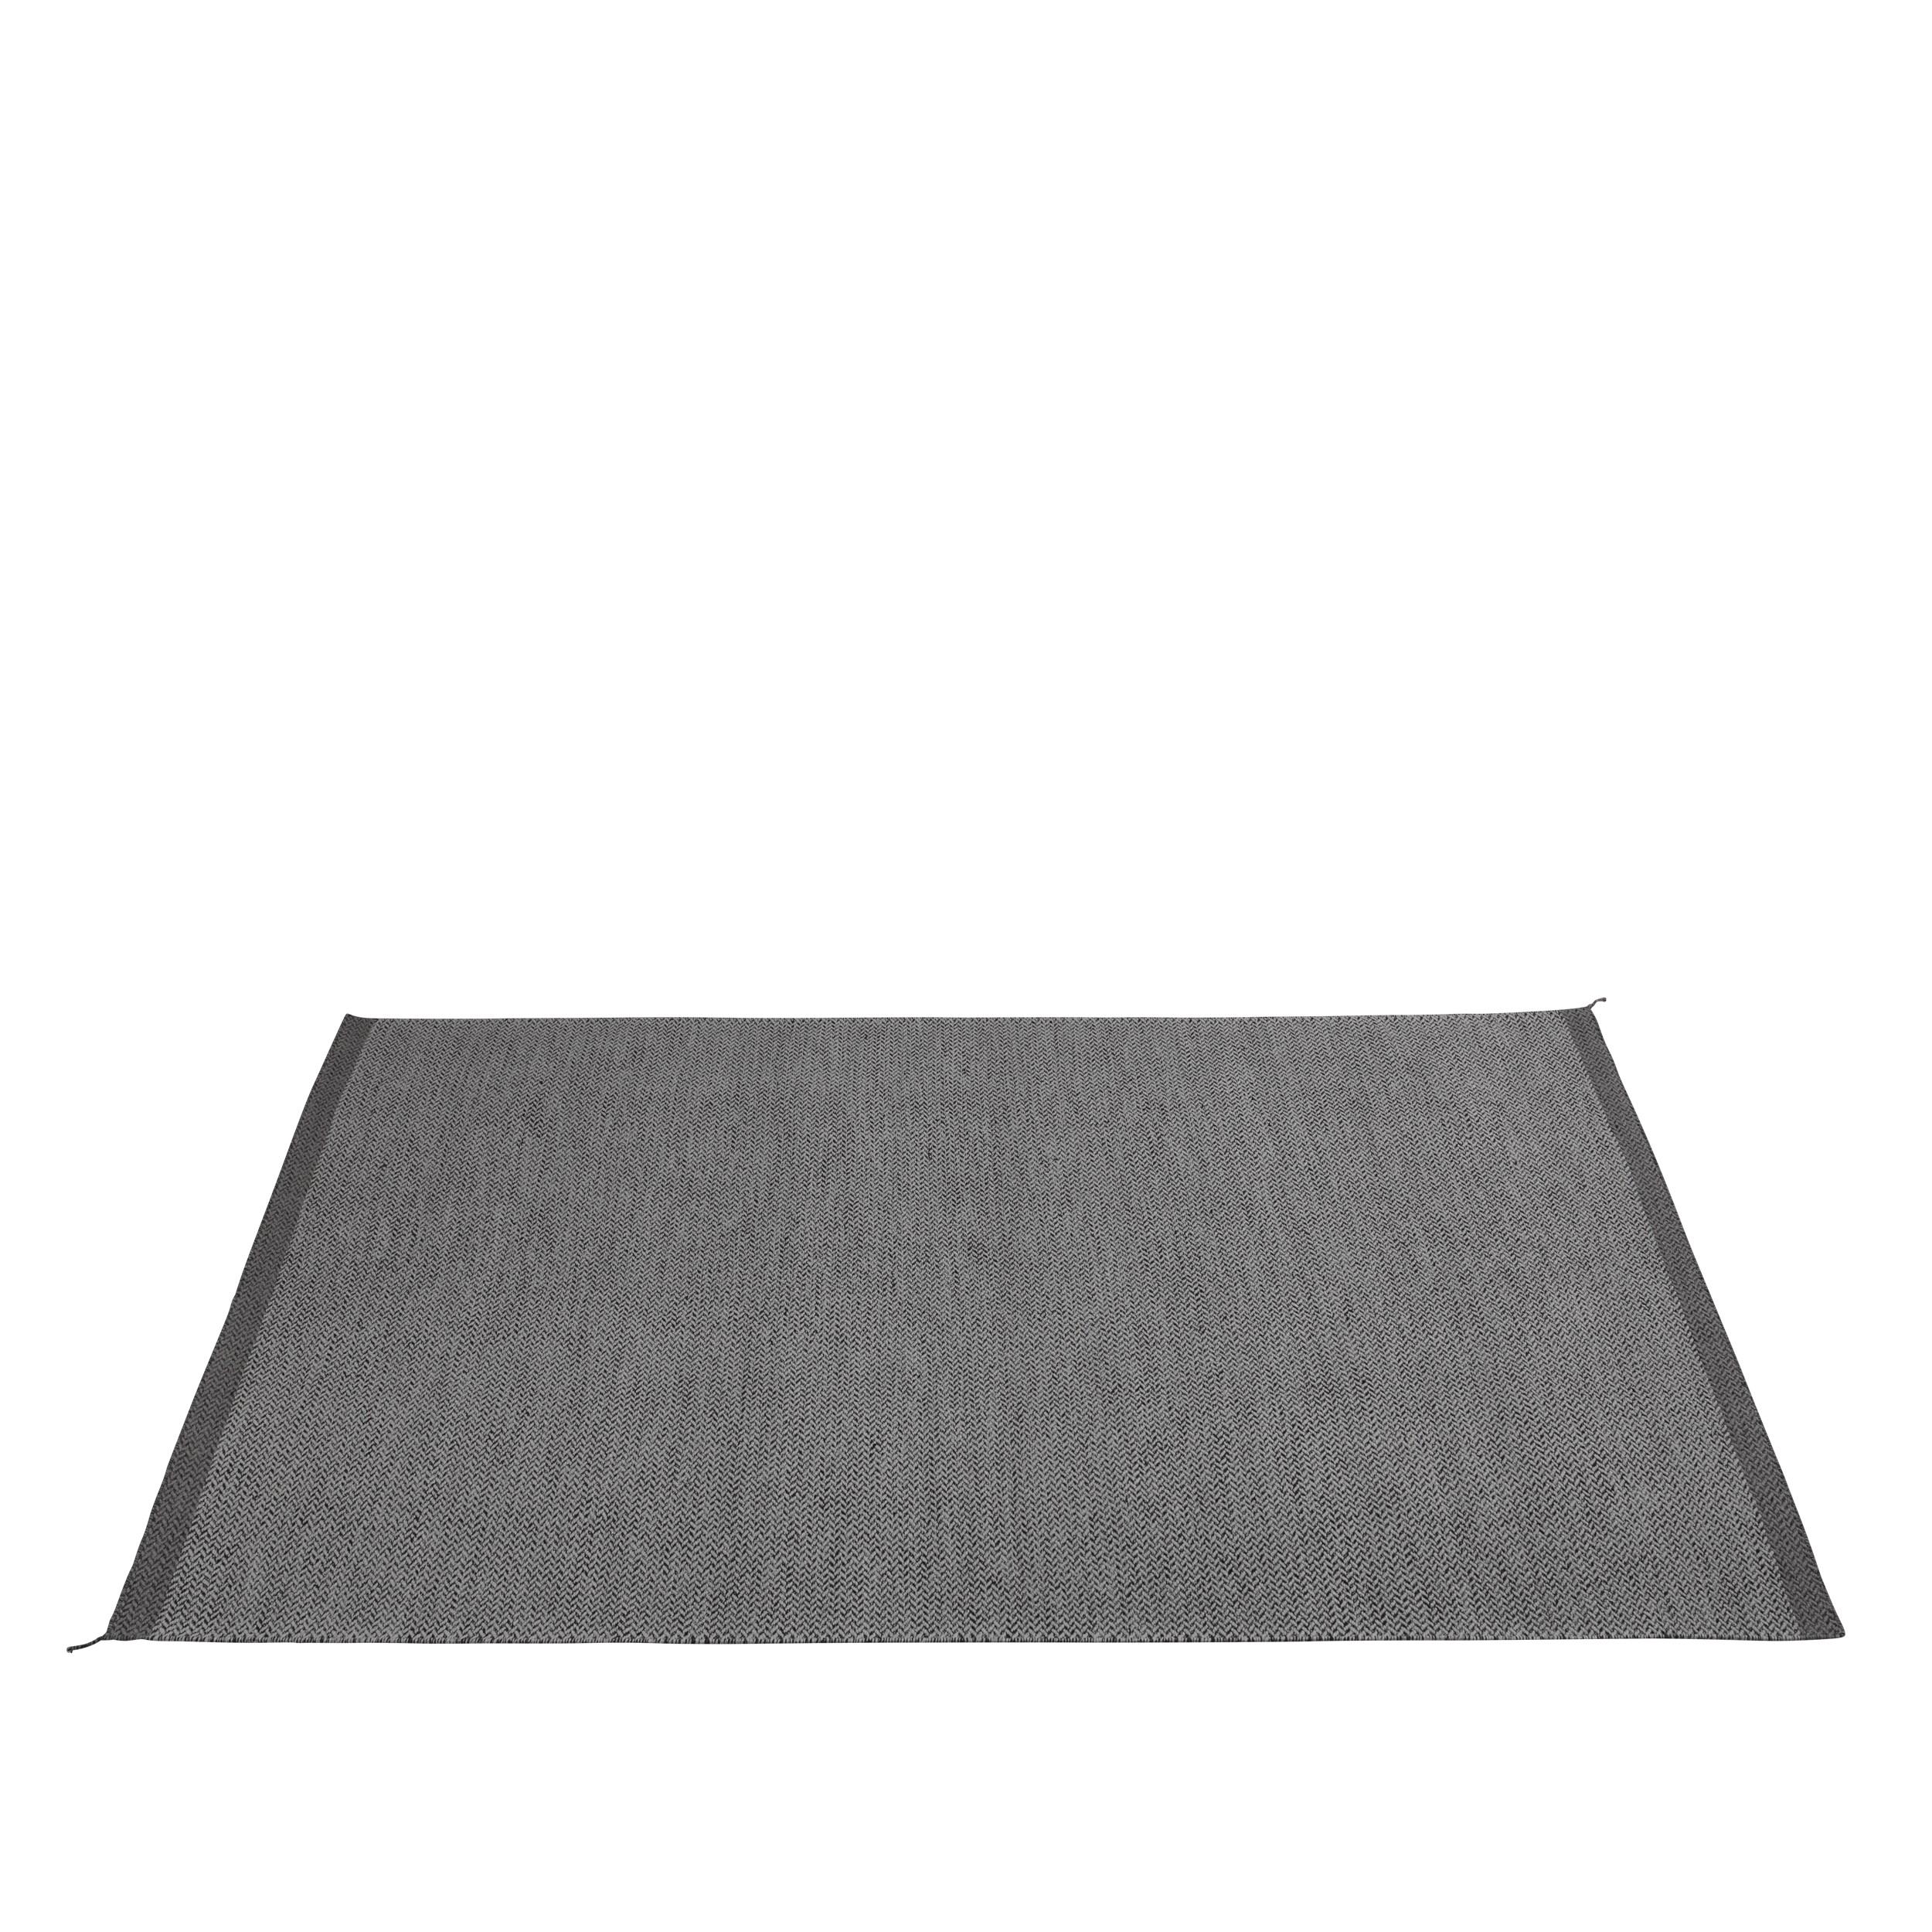 Ply rug 270 x 360 dark grey